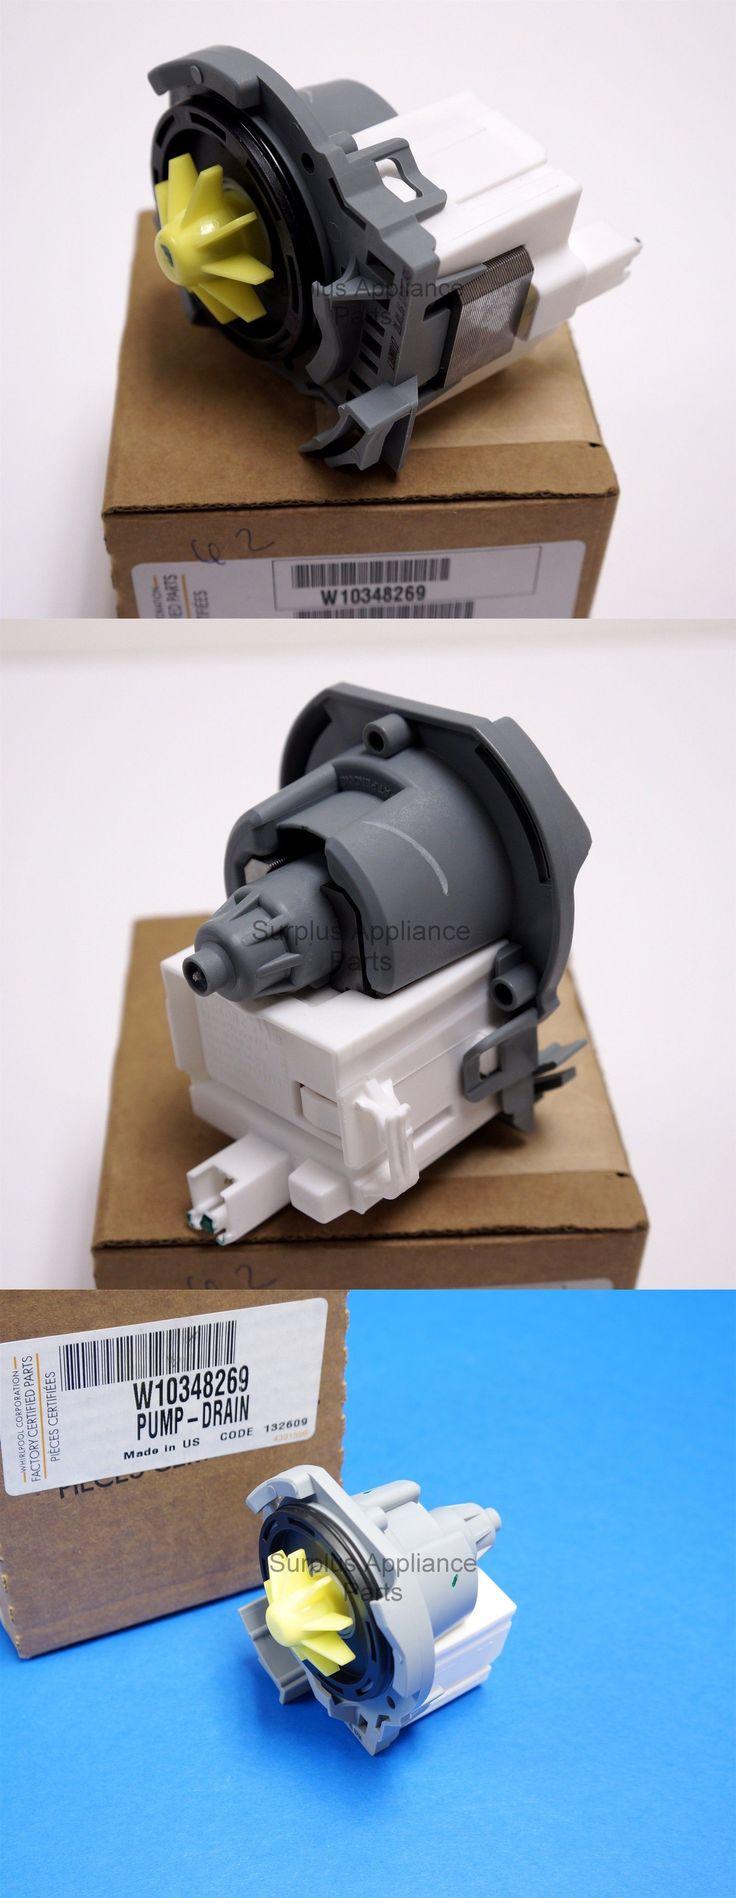 Major Appliances: Genuine Whirlpool Wpw10348269 Dishwasher Drain Pump W10348269 New Oem -> BUY IT NOW ONLY: $48.99 on eBay!